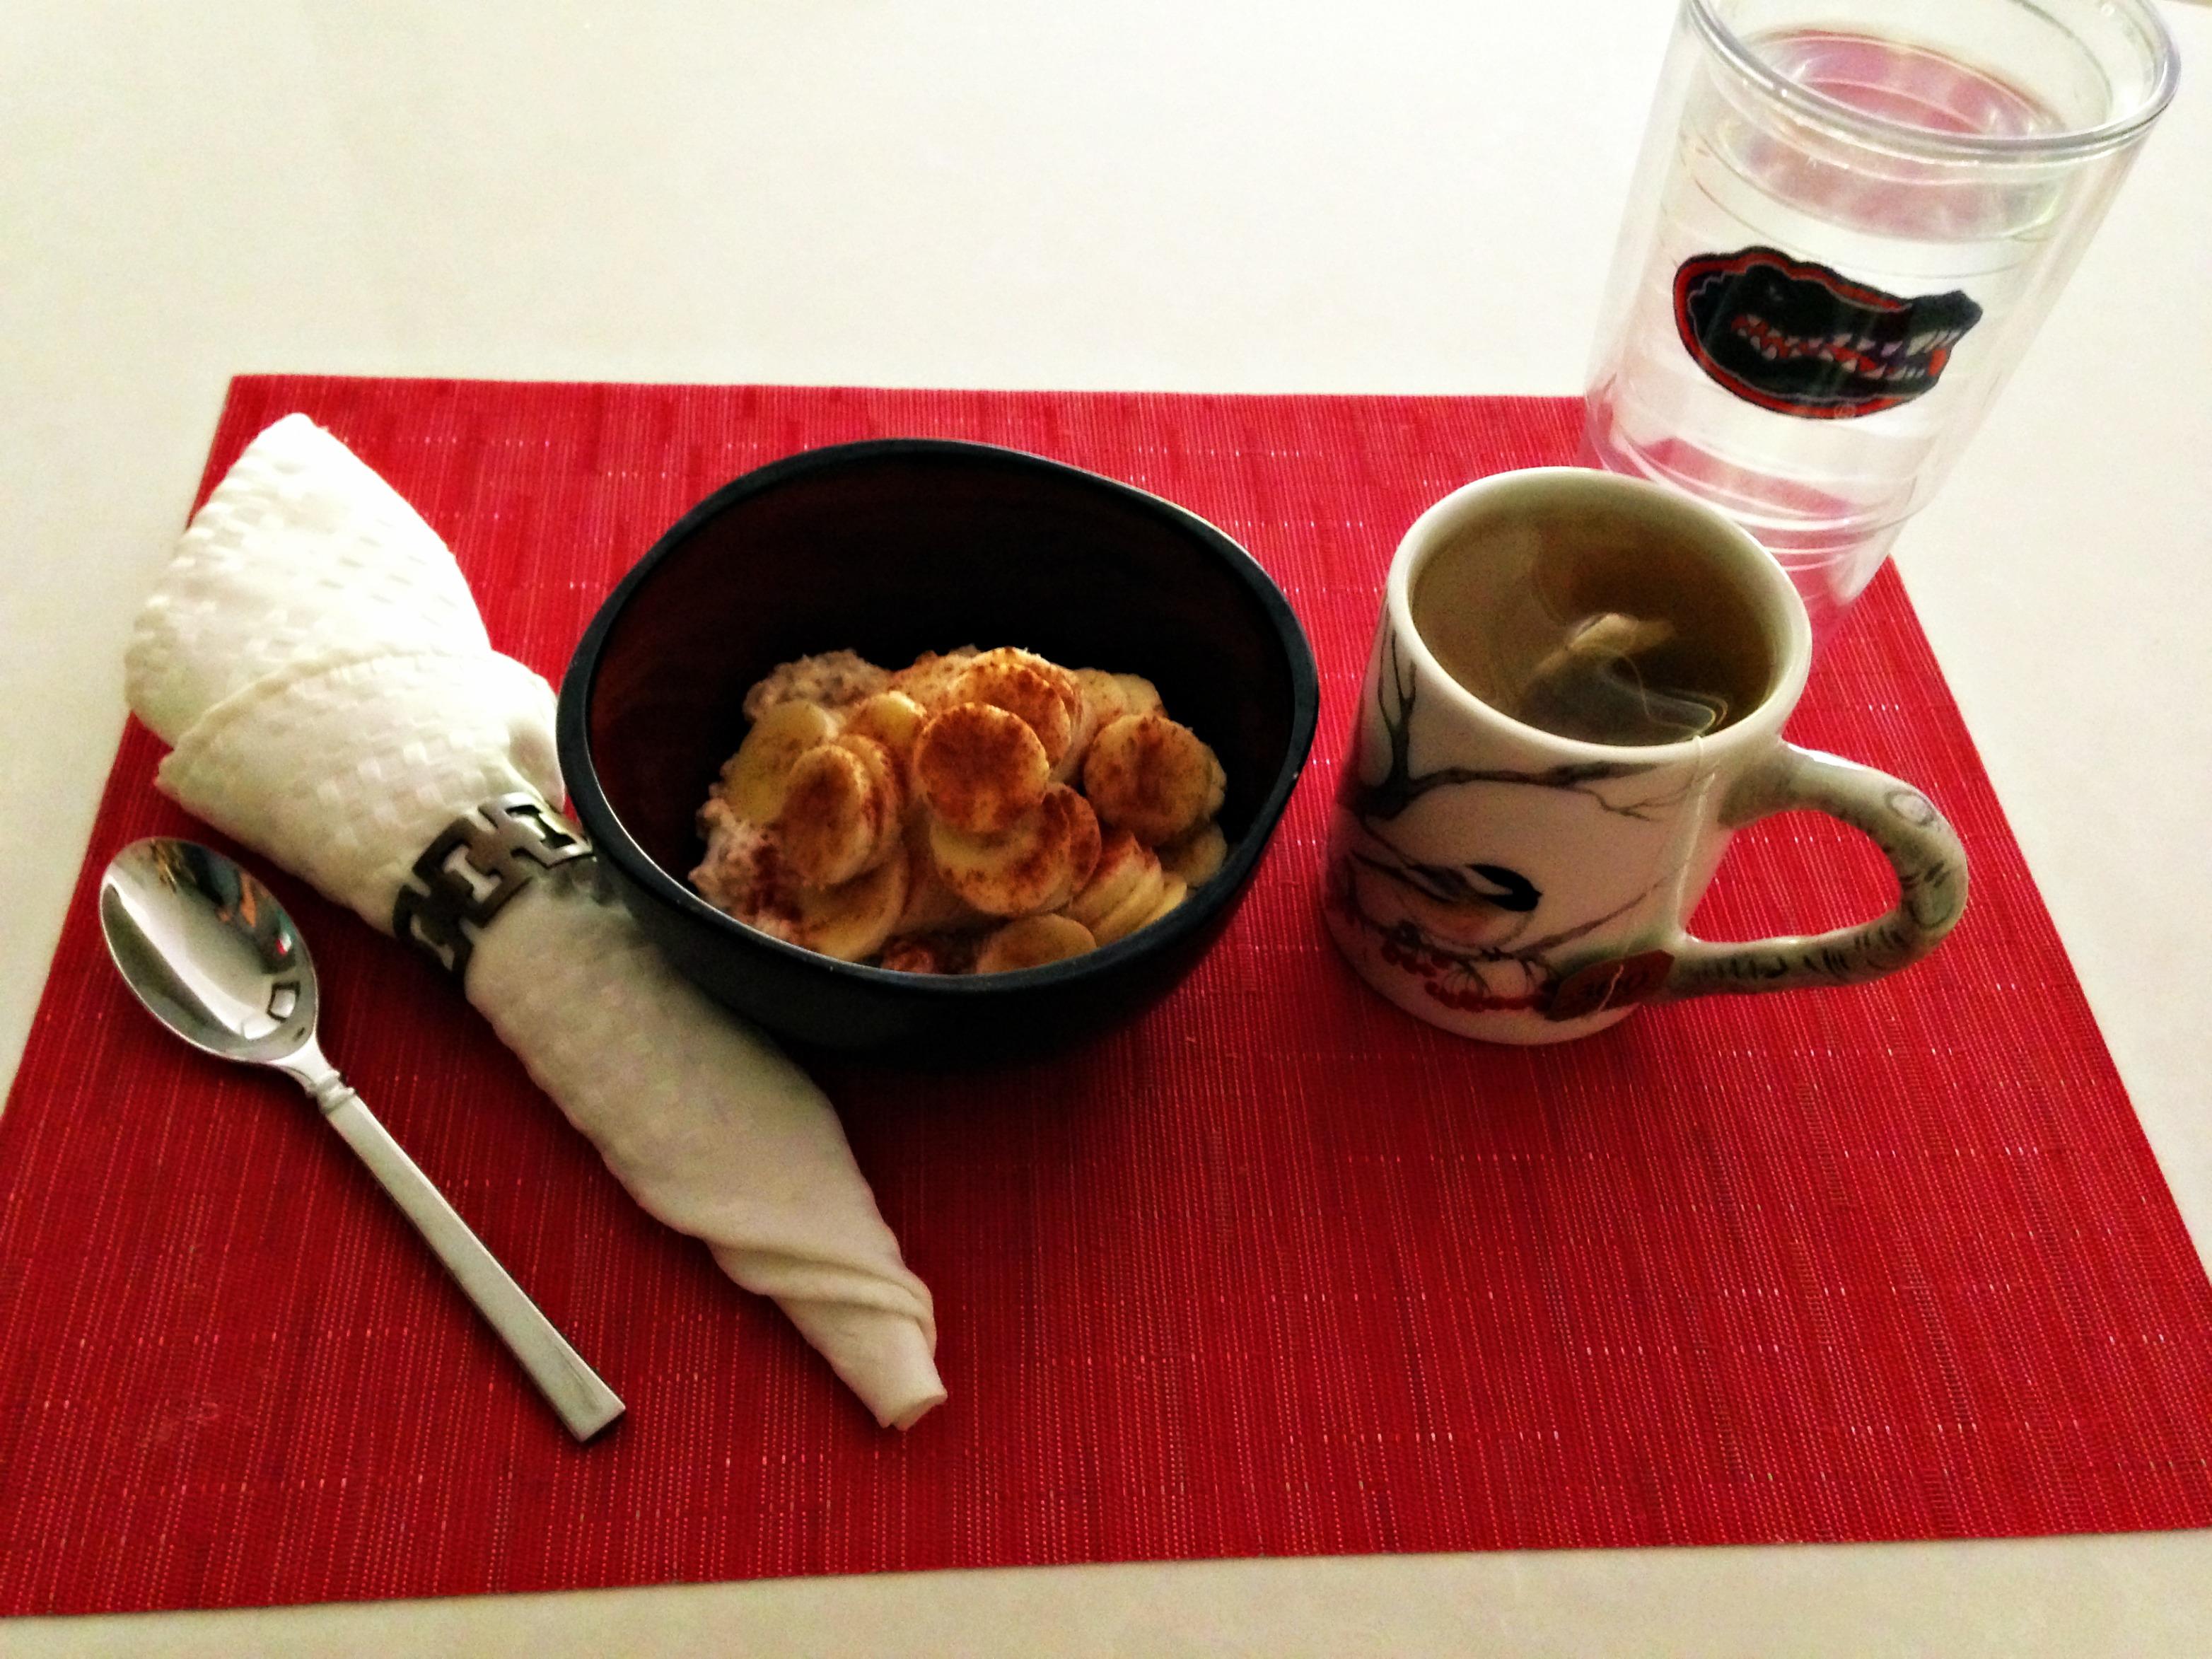 Breakfast overnight oats and tea